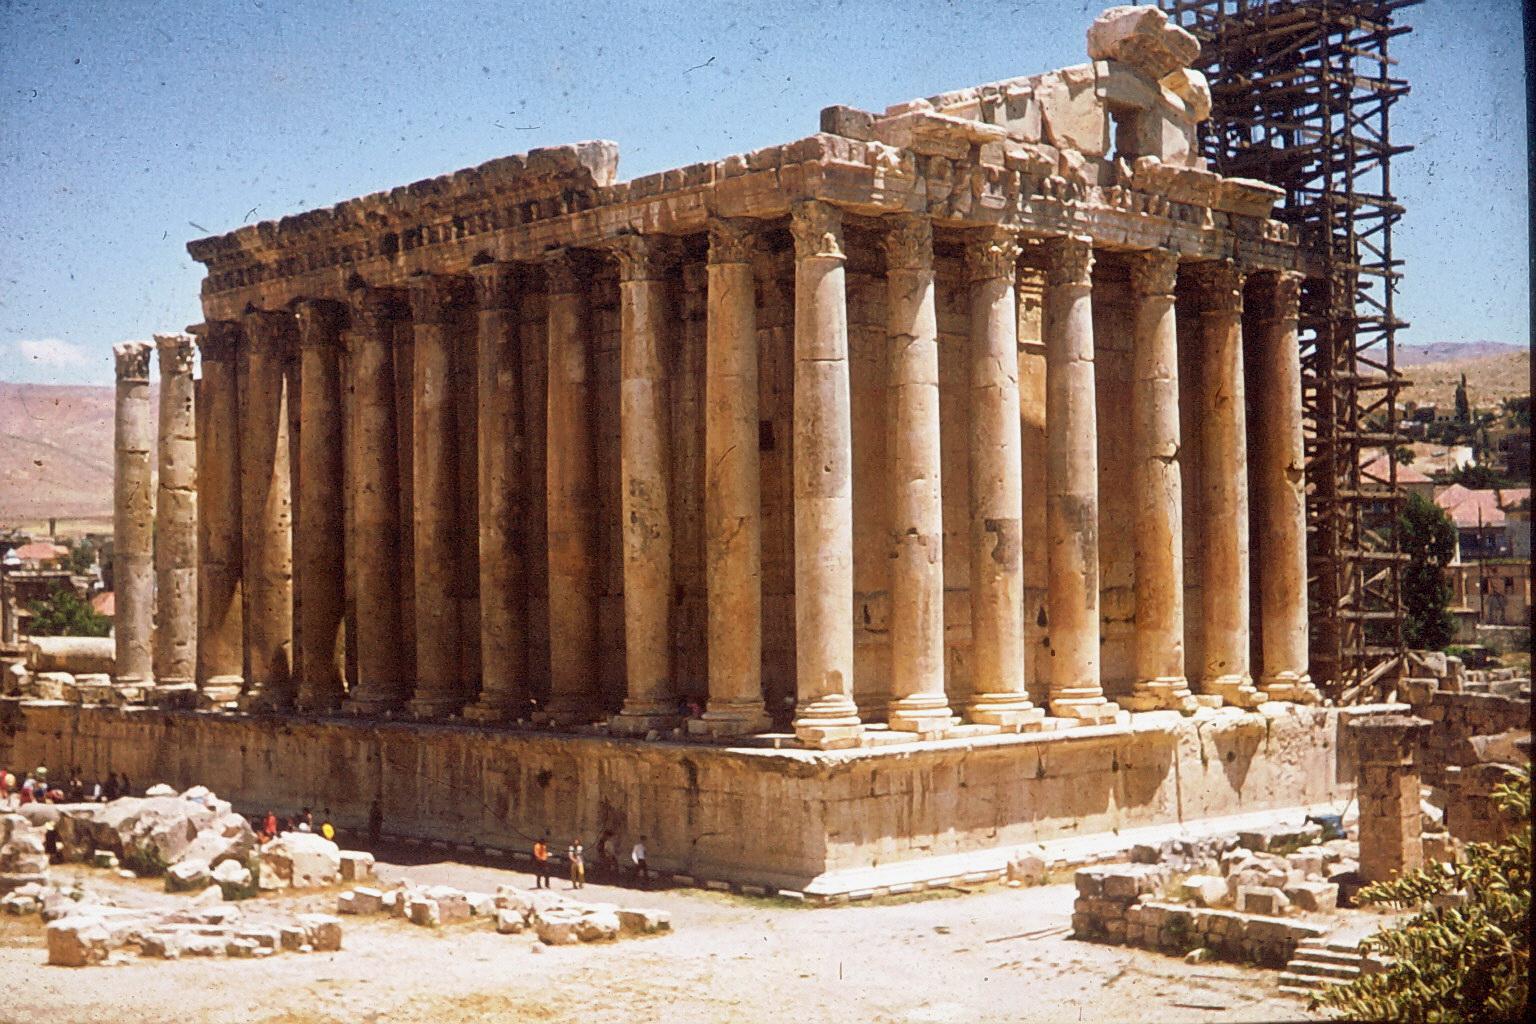 Bacchustempel in Baalbek